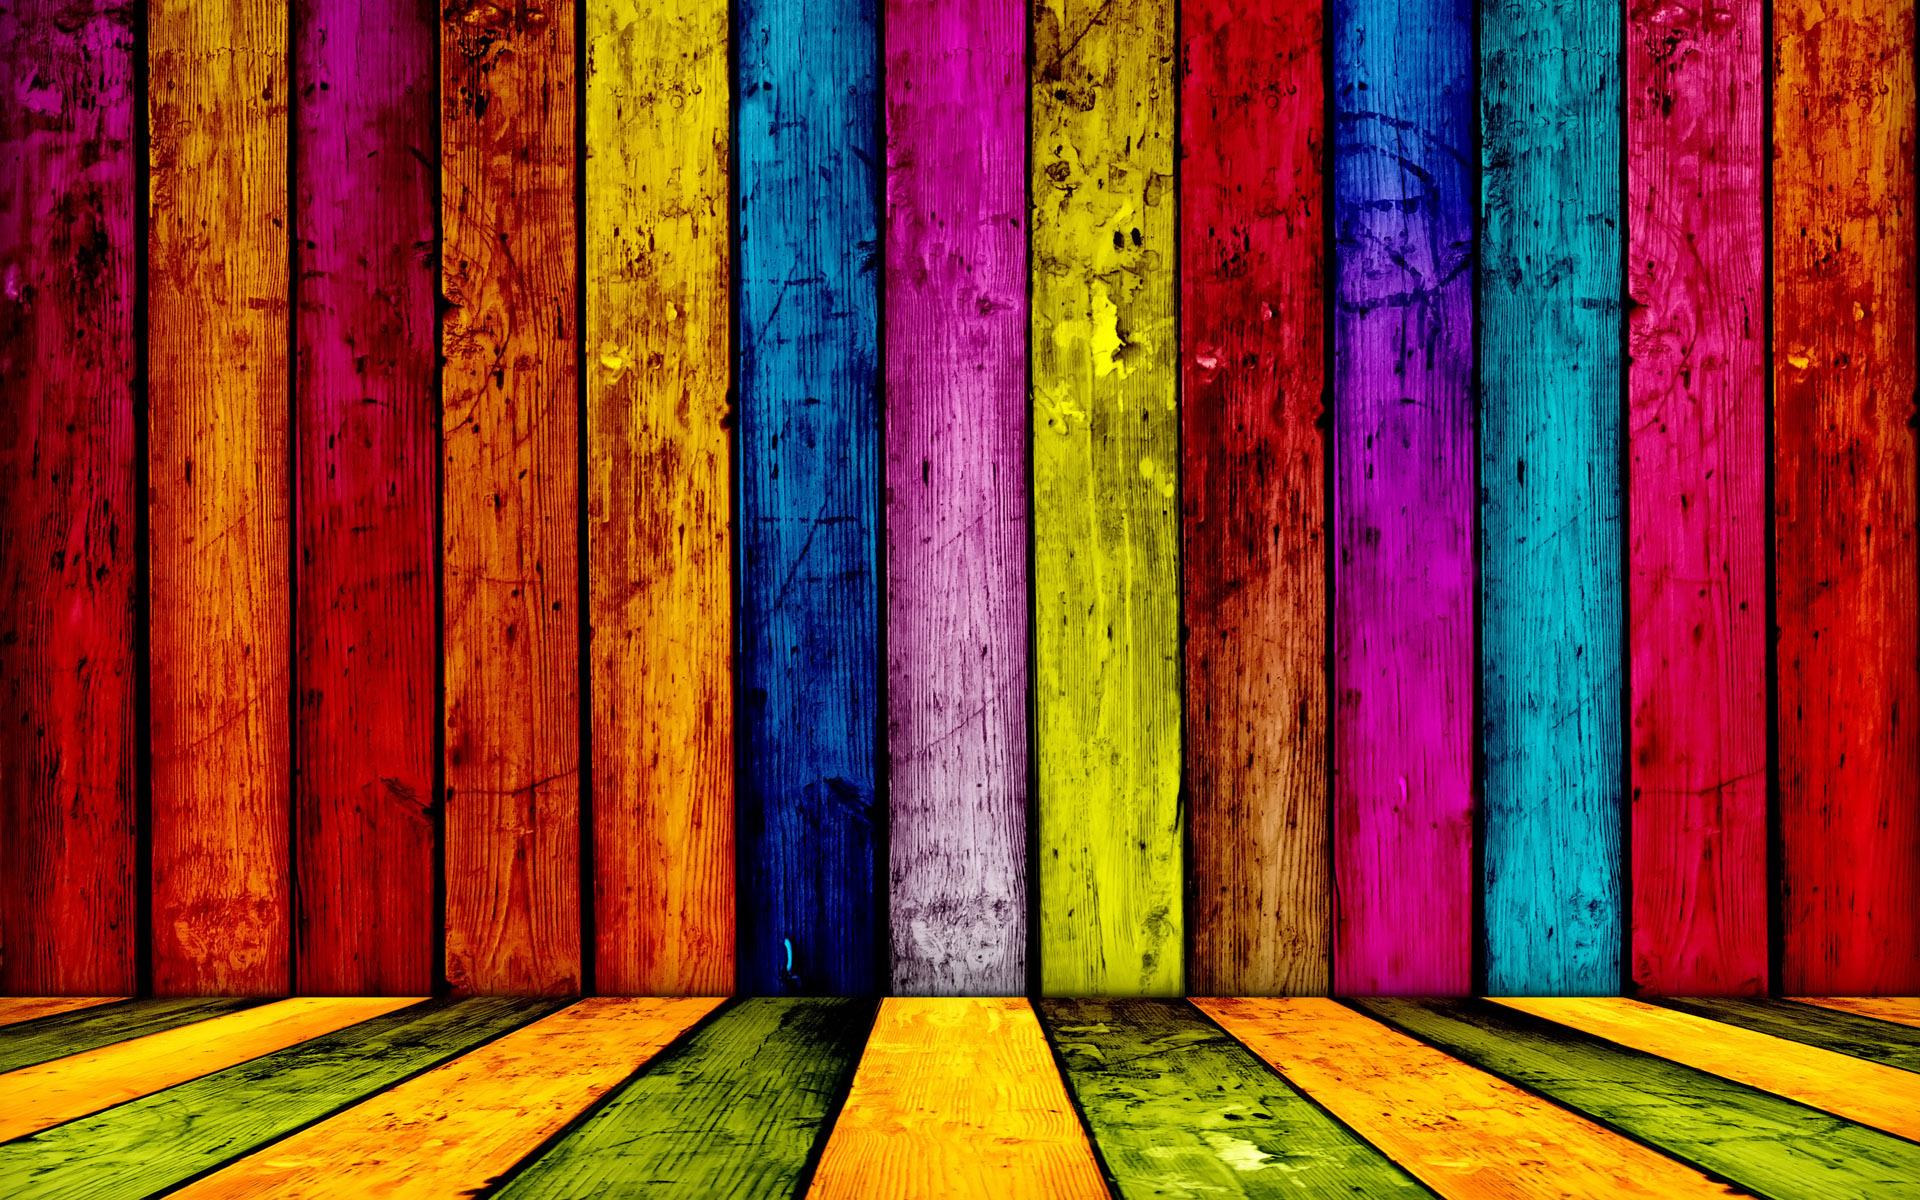 скамейка с радугой, радуга, доски покрашены всеми цветами радуги, обои для рабочего стола